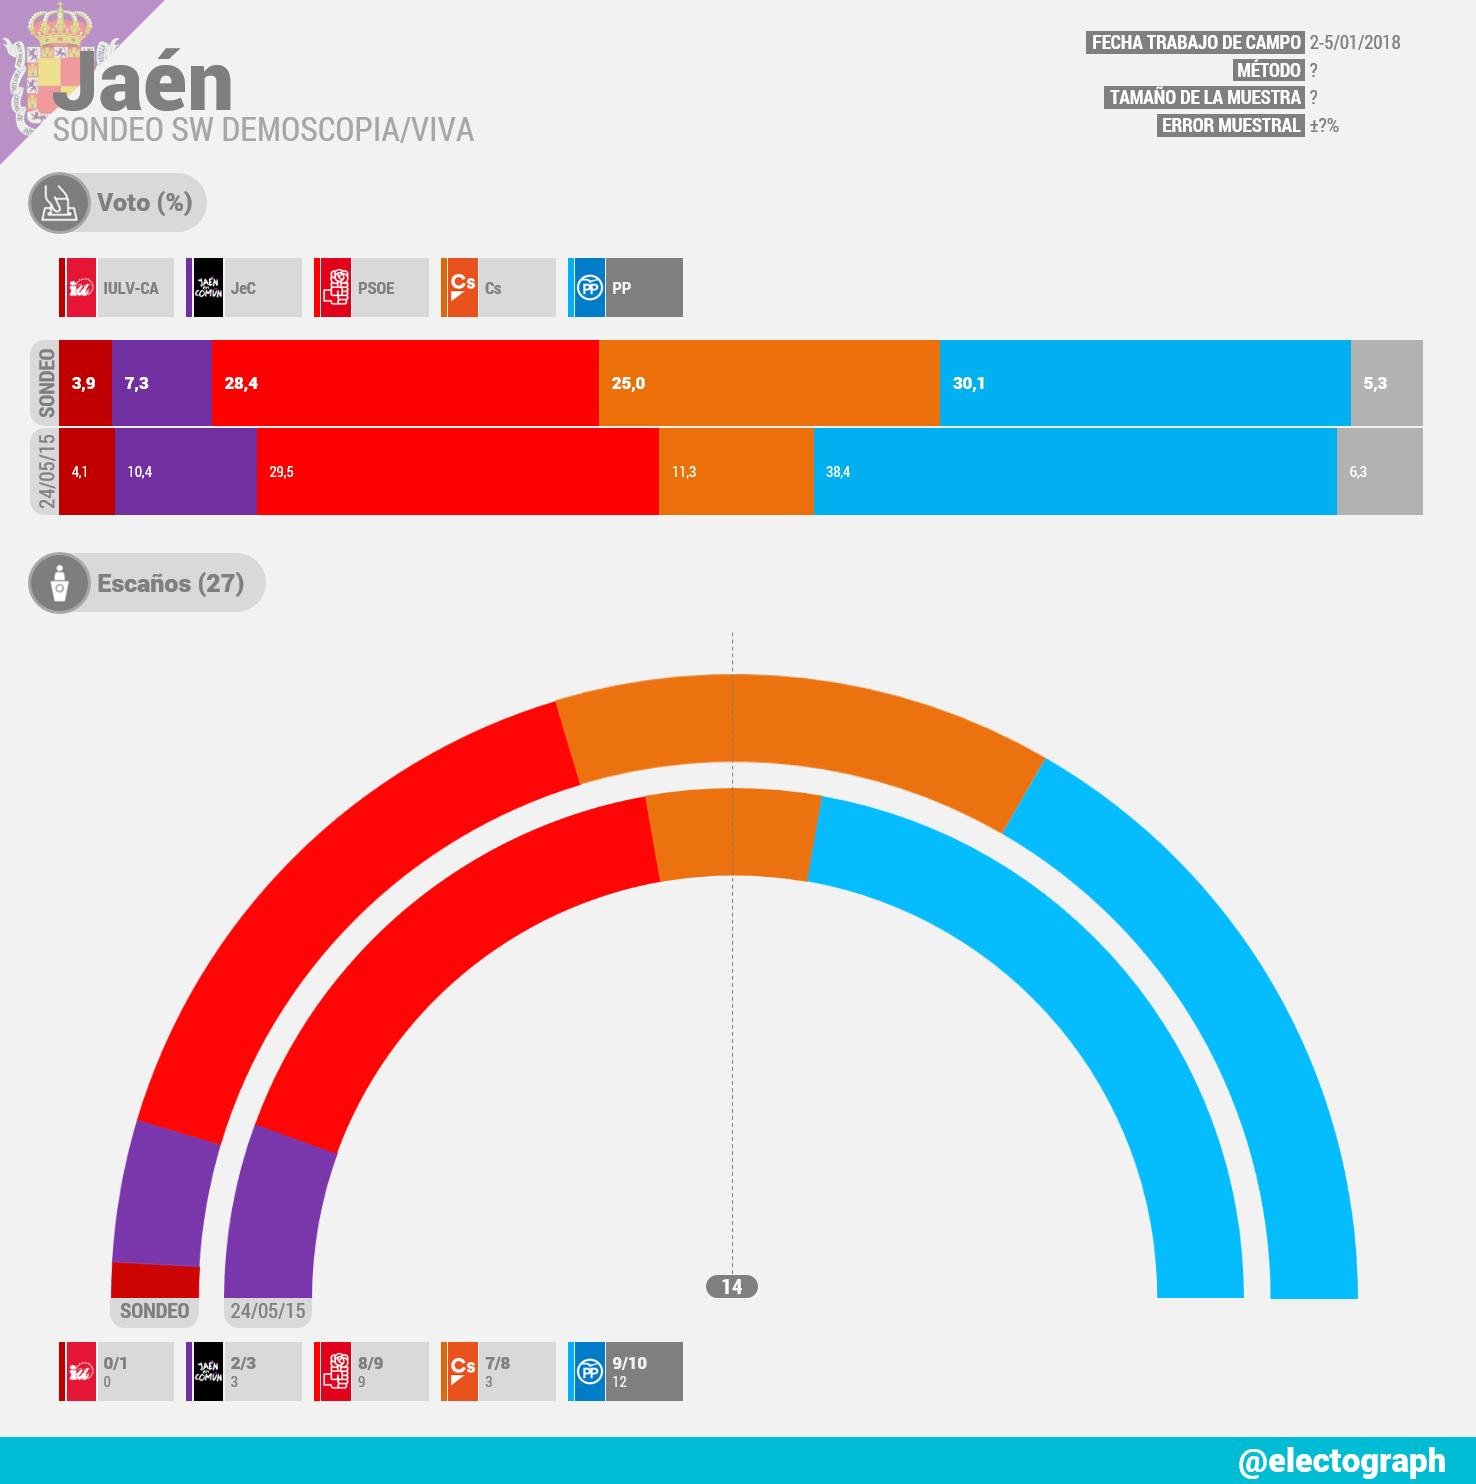 Gráfico de la encuesta para elecciones municipales en Jáen realizada por SW Demoscopia para Viva en enero de 2018